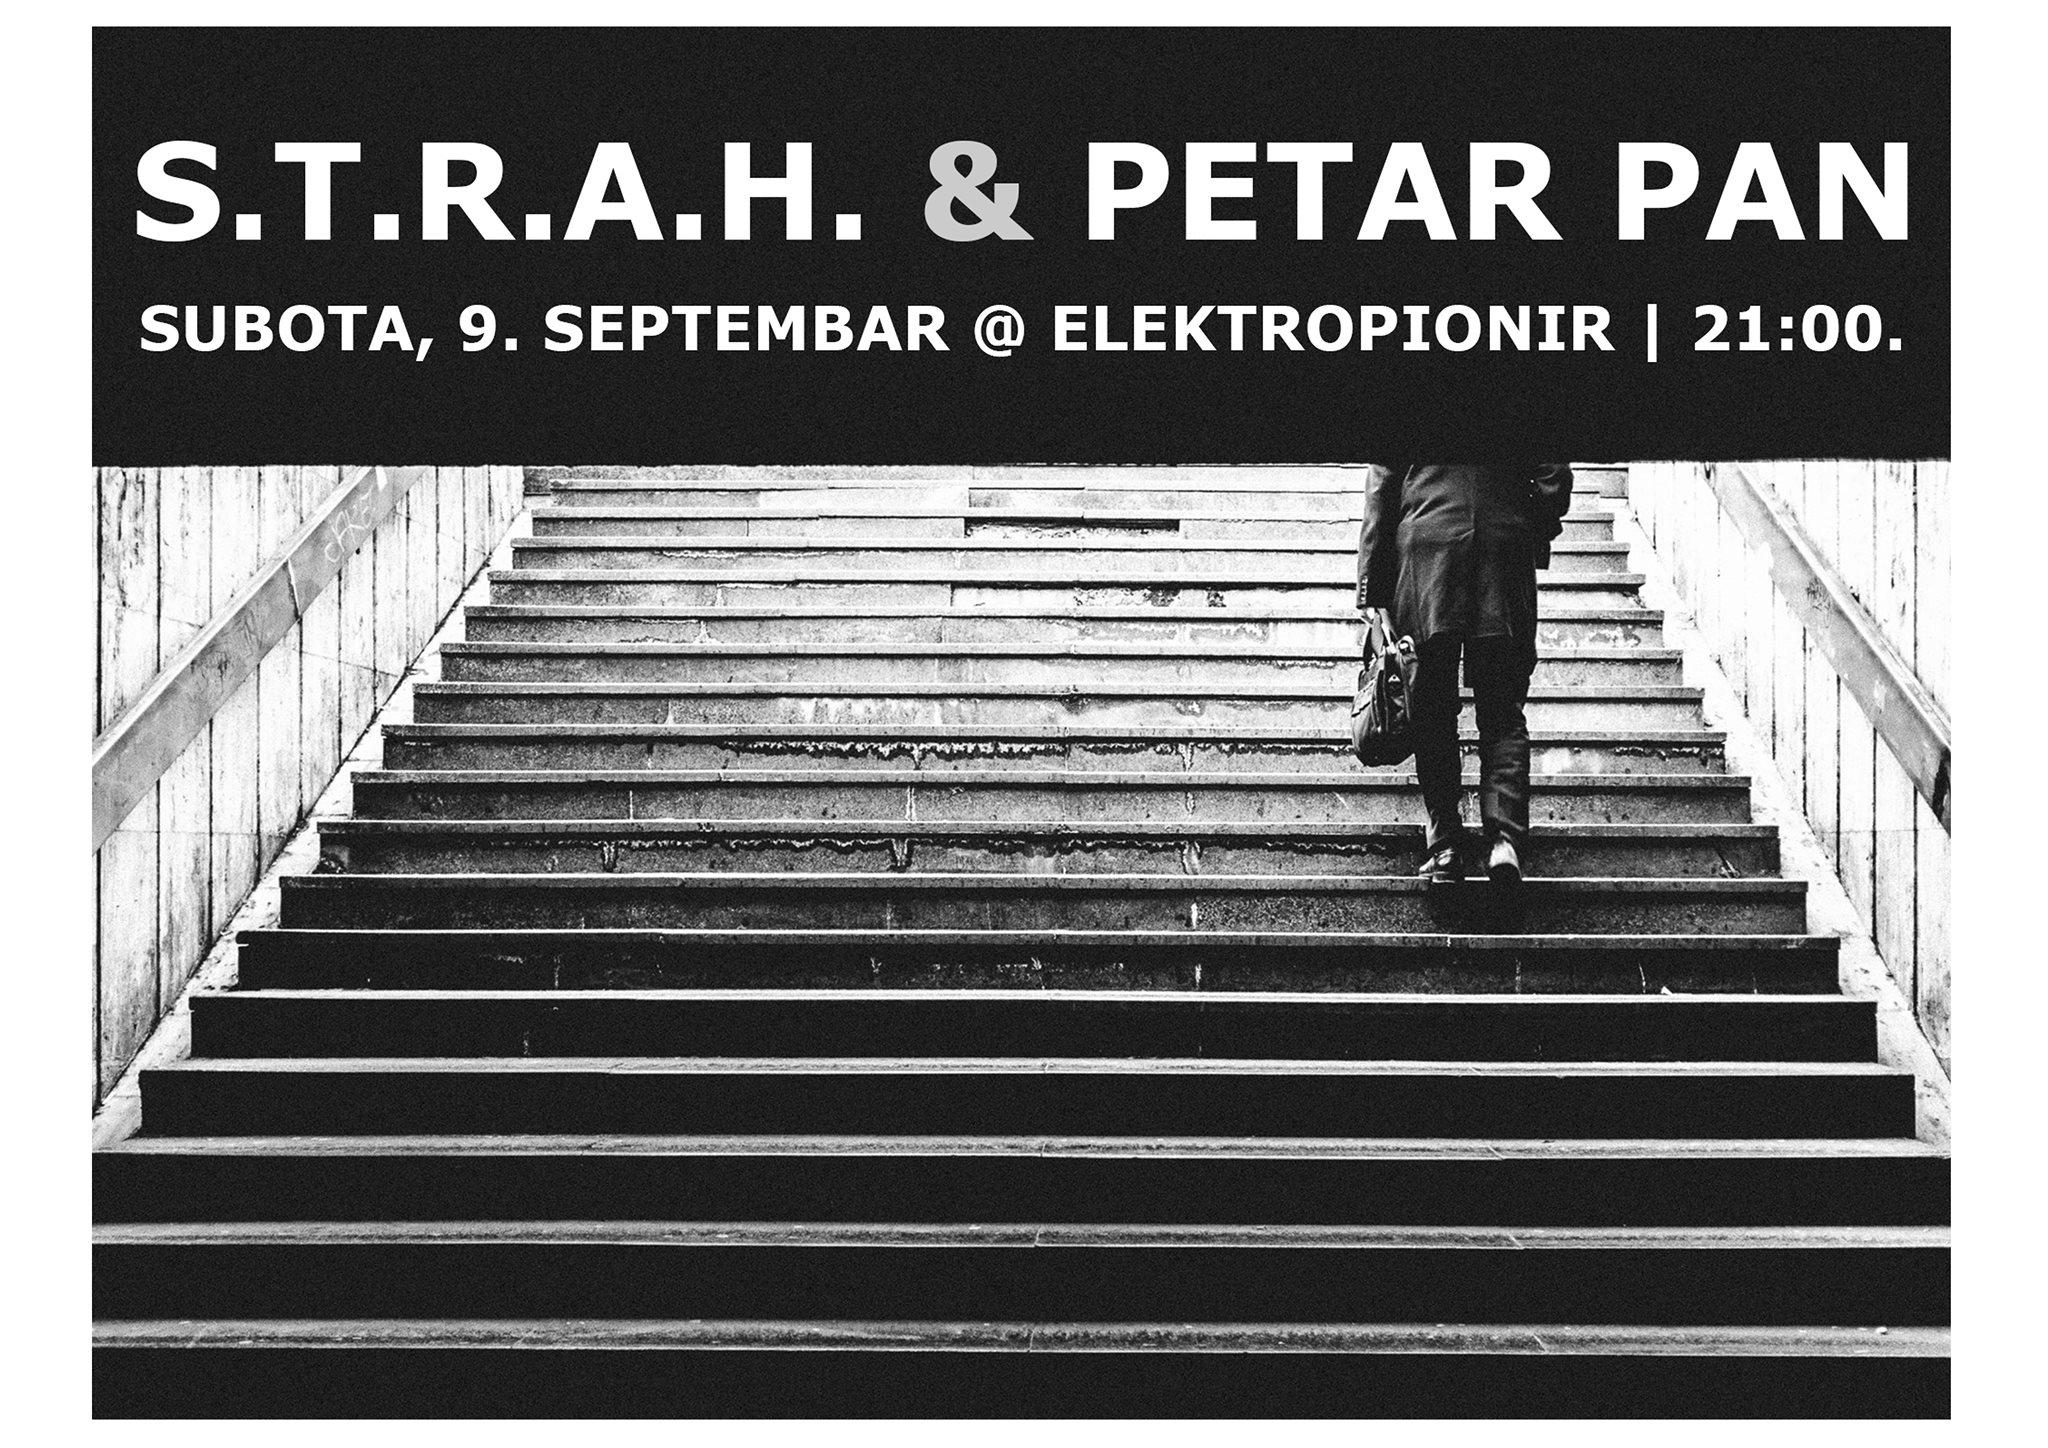 S.T.R.A.H. i PETAR PAN Elektropionir